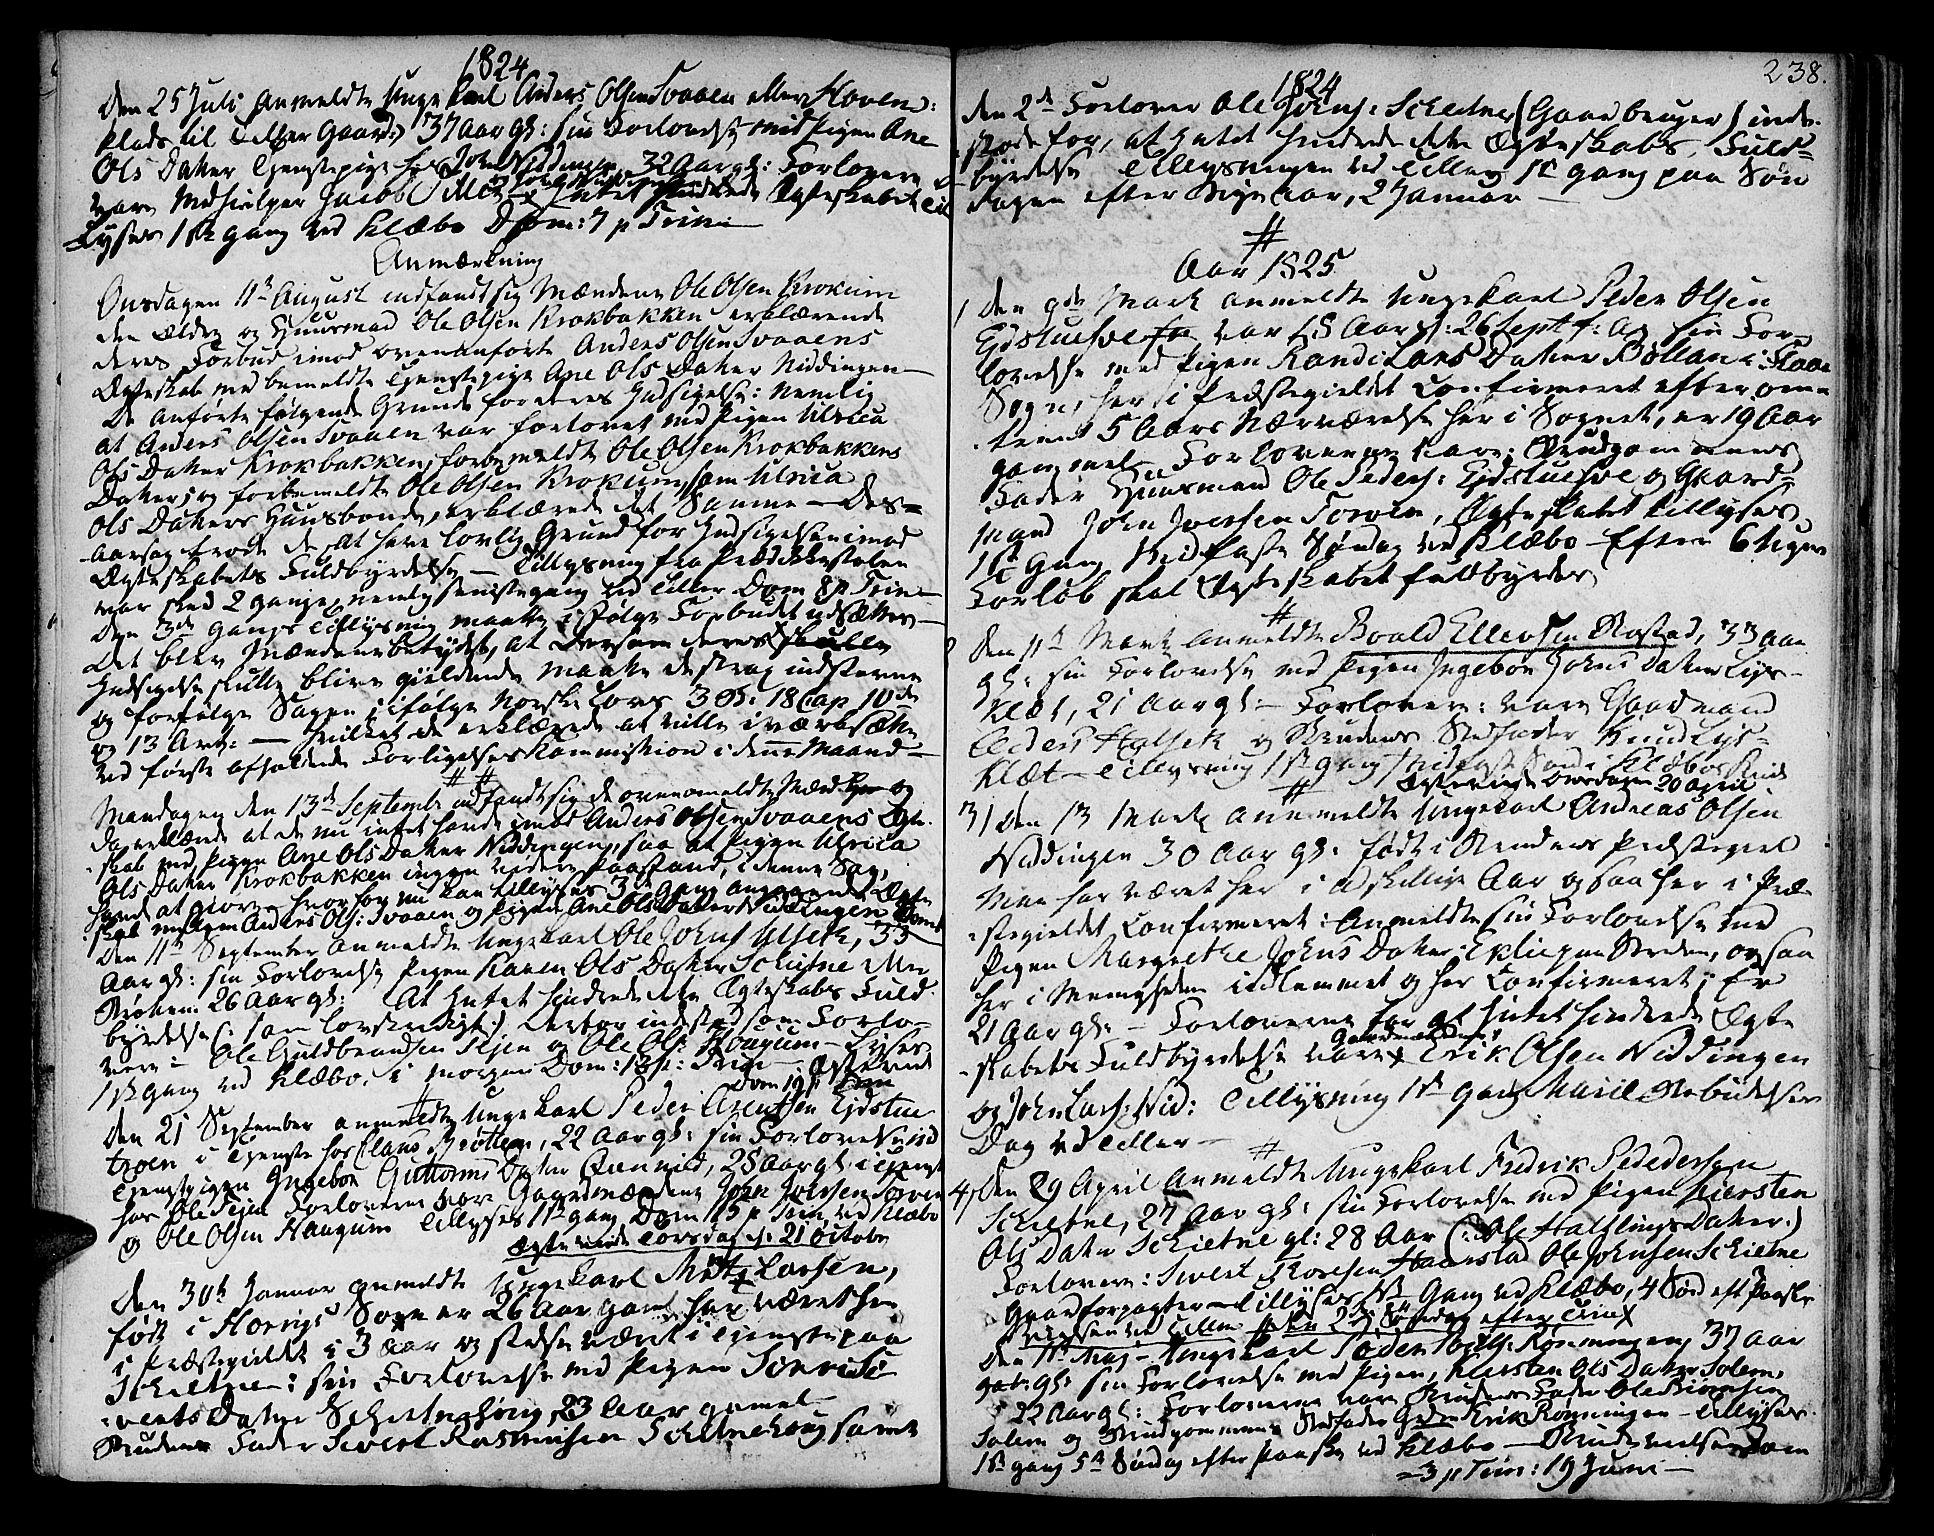 SAT, Ministerialprotokoller, klokkerbøker og fødselsregistre - Sør-Trøndelag, 618/L0438: Ministerialbok nr. 618A03, 1783-1815, s. 238